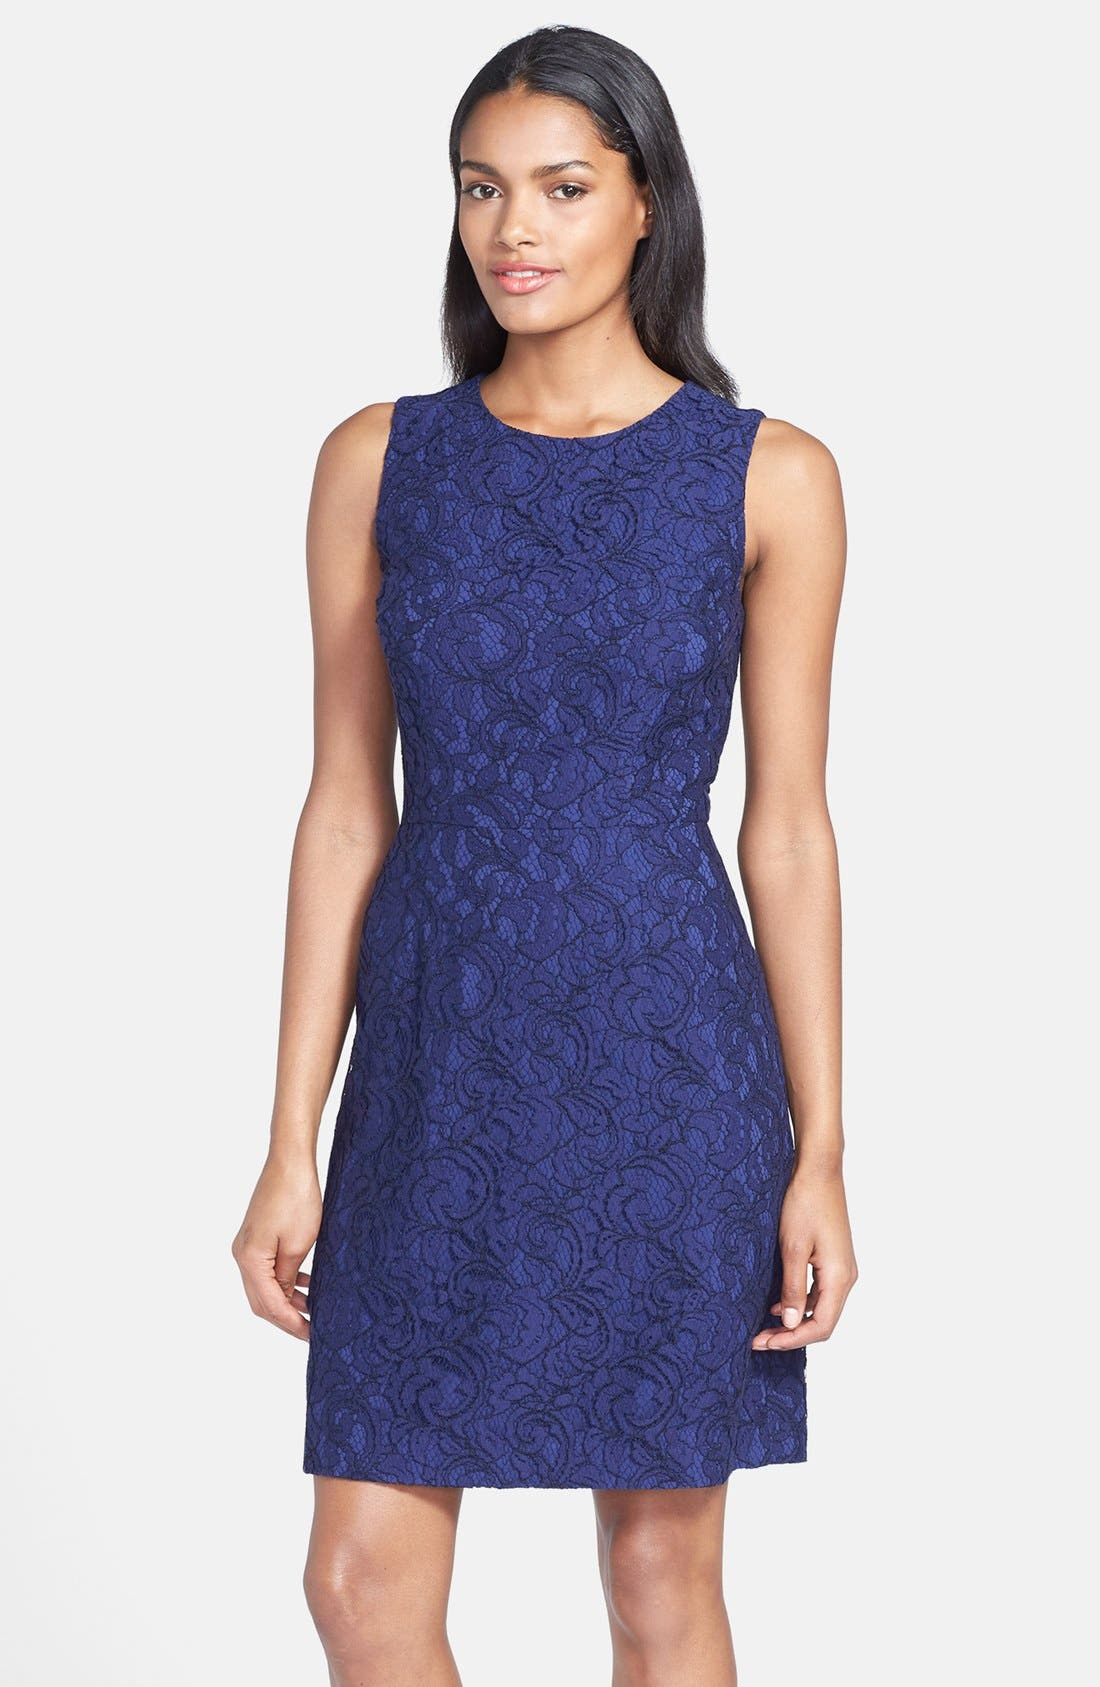 Main Image - Cynthia Steffe 'Garland' Lace Sheath Dress